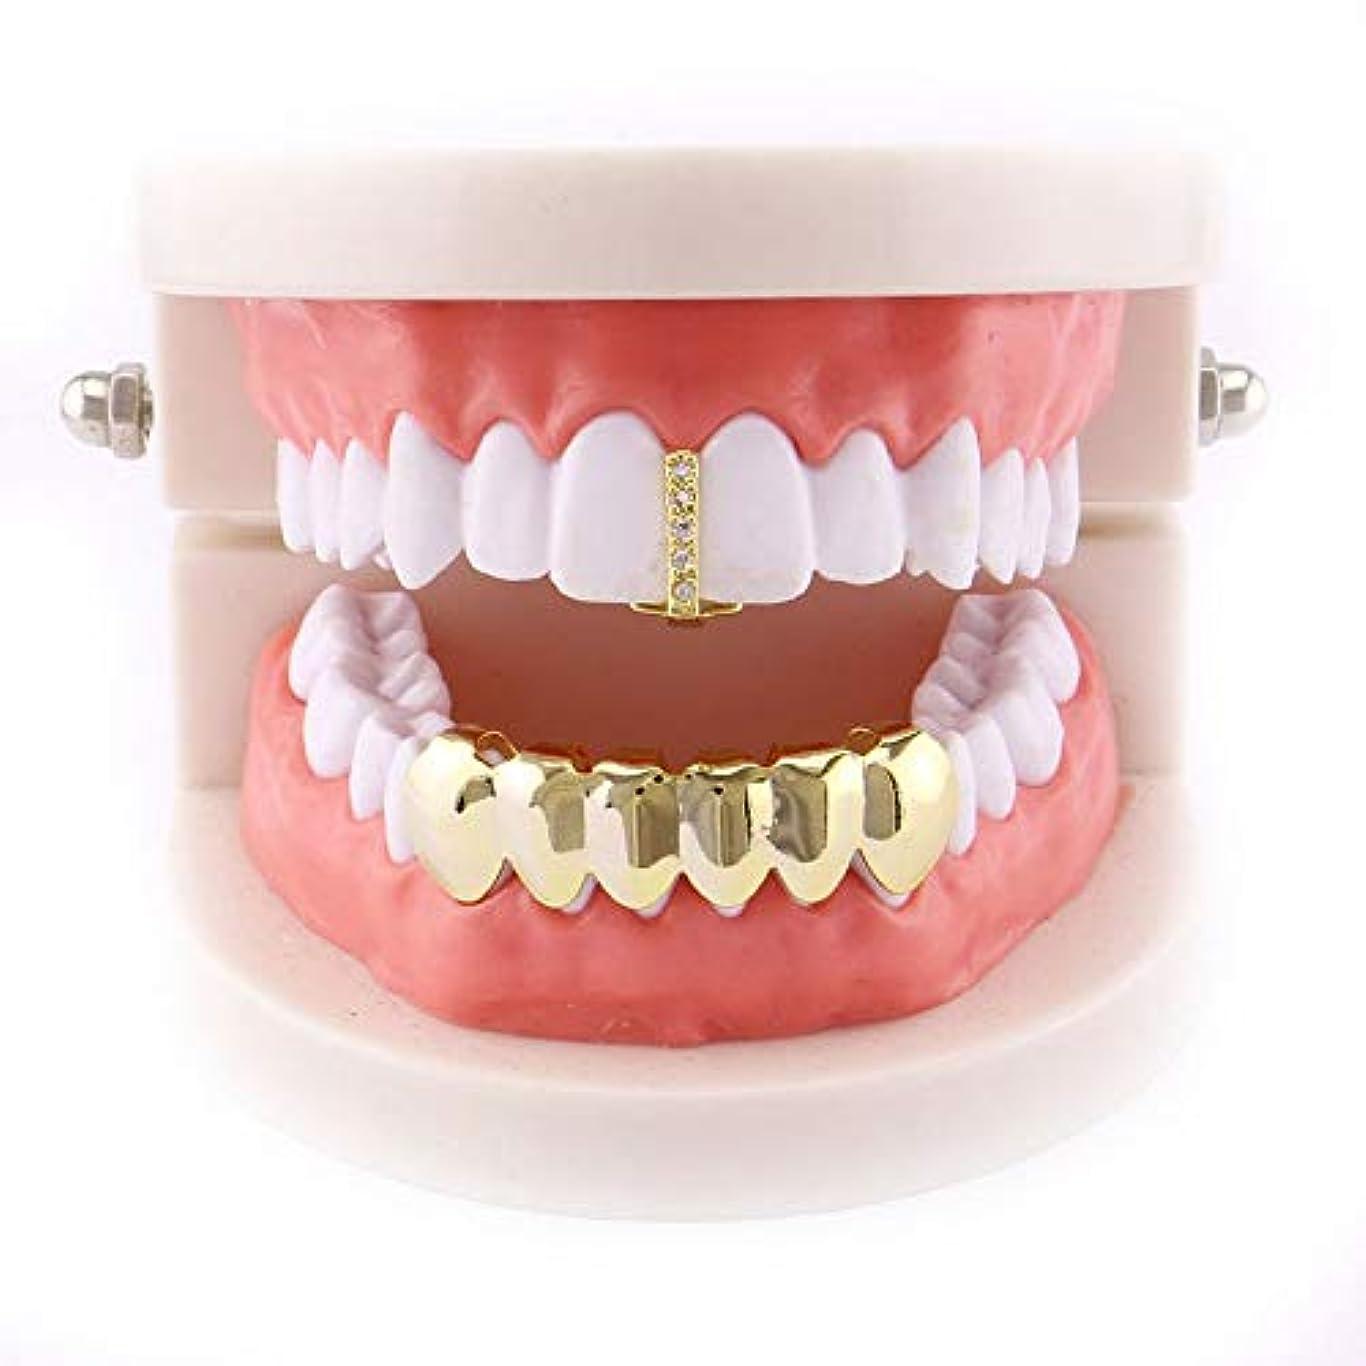 ハイブリッド変動する流暢マウストップデンタルグリル用 歯グリルヒップホップセット(1トップ&6ボトム)クリスタルCZは男性/女性のギフトのための金/スライバの歯のグリルキャップをアイシングアウト ゴールドメッキヒップホップポーカー歯キャップ (...